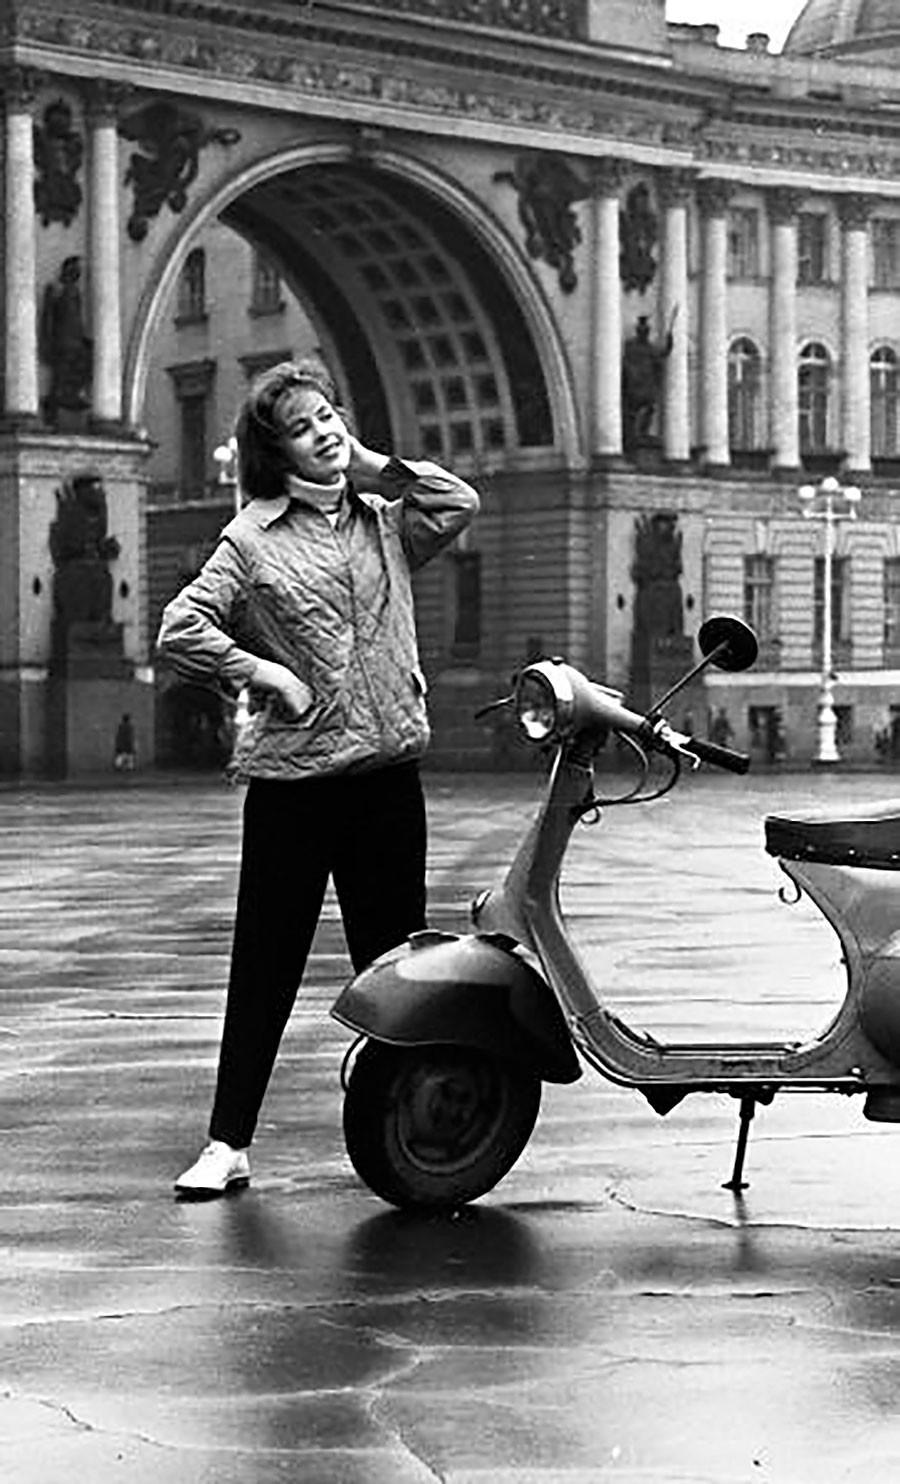 Un desfile de moda con una modelo femenina con el fondo del arco del Estado Mayor en Leningrado en los años 60.